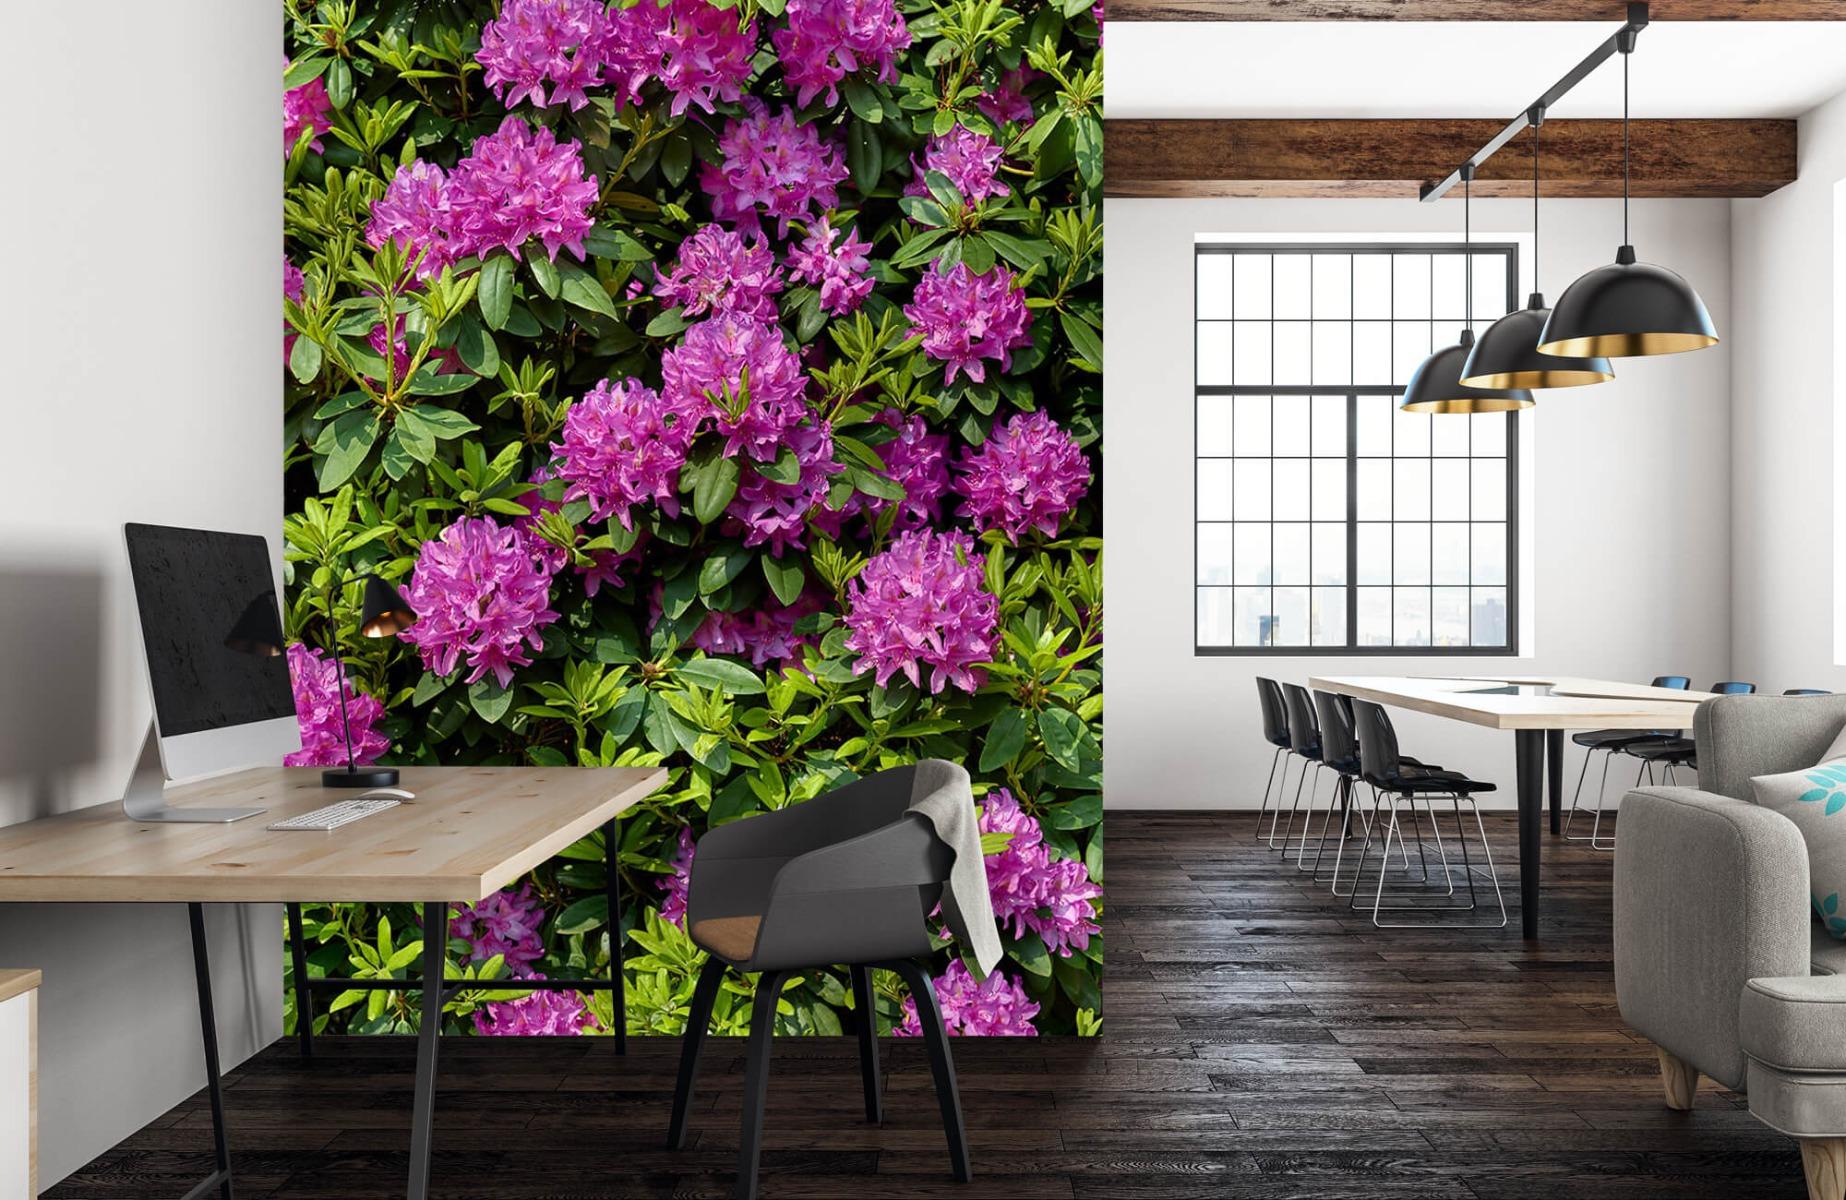 Bloemenvelden - Rododendrons - Wallexclusive - Slaapkamer 23